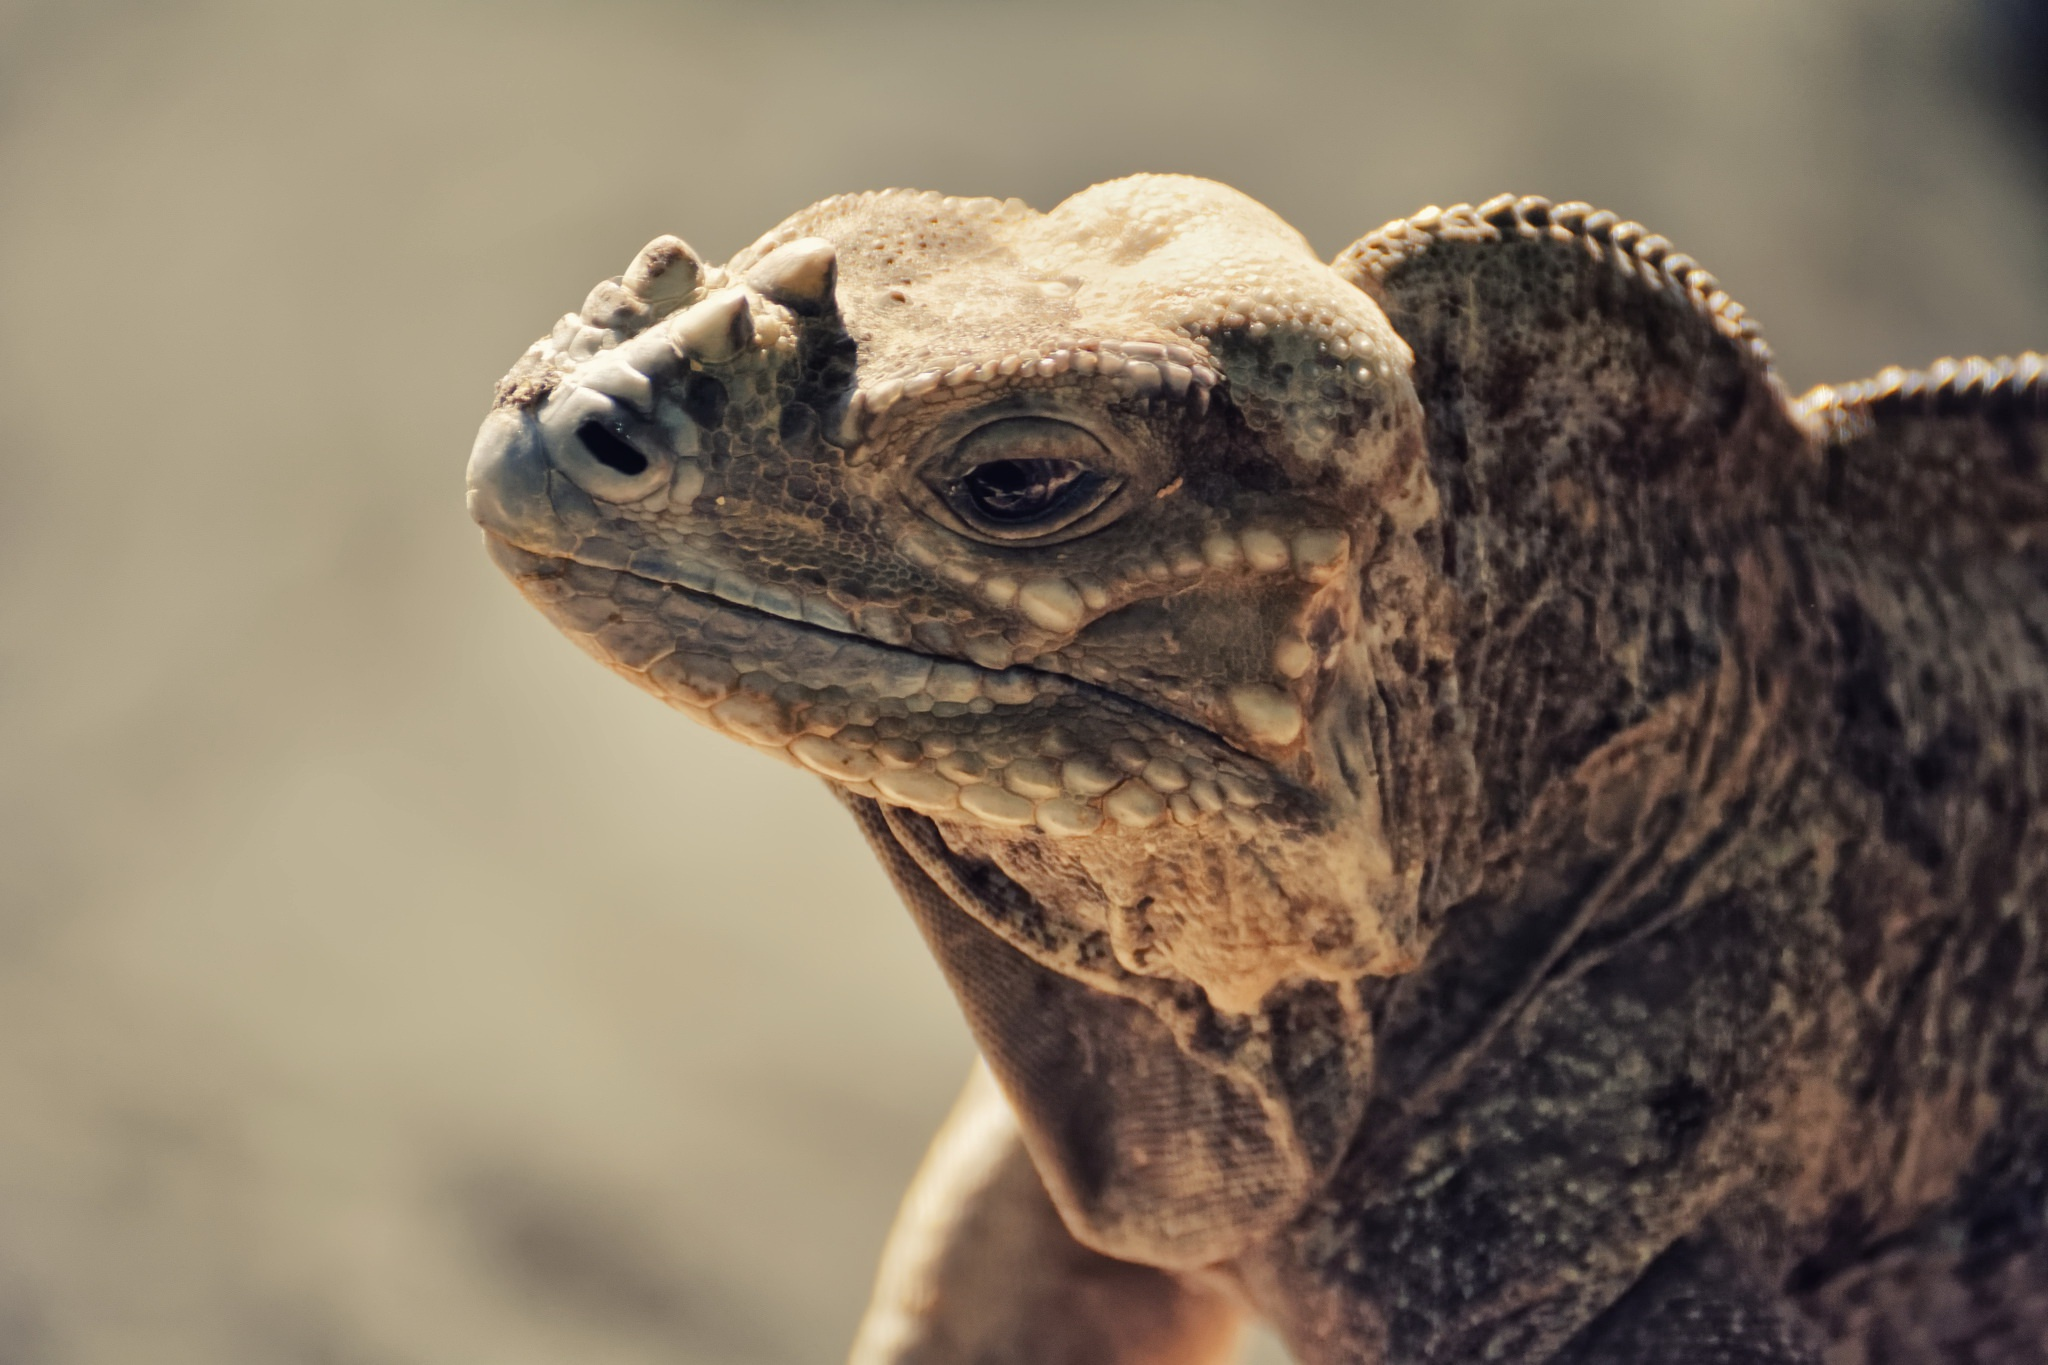 природа животные рептилия  № 234983 загрузить